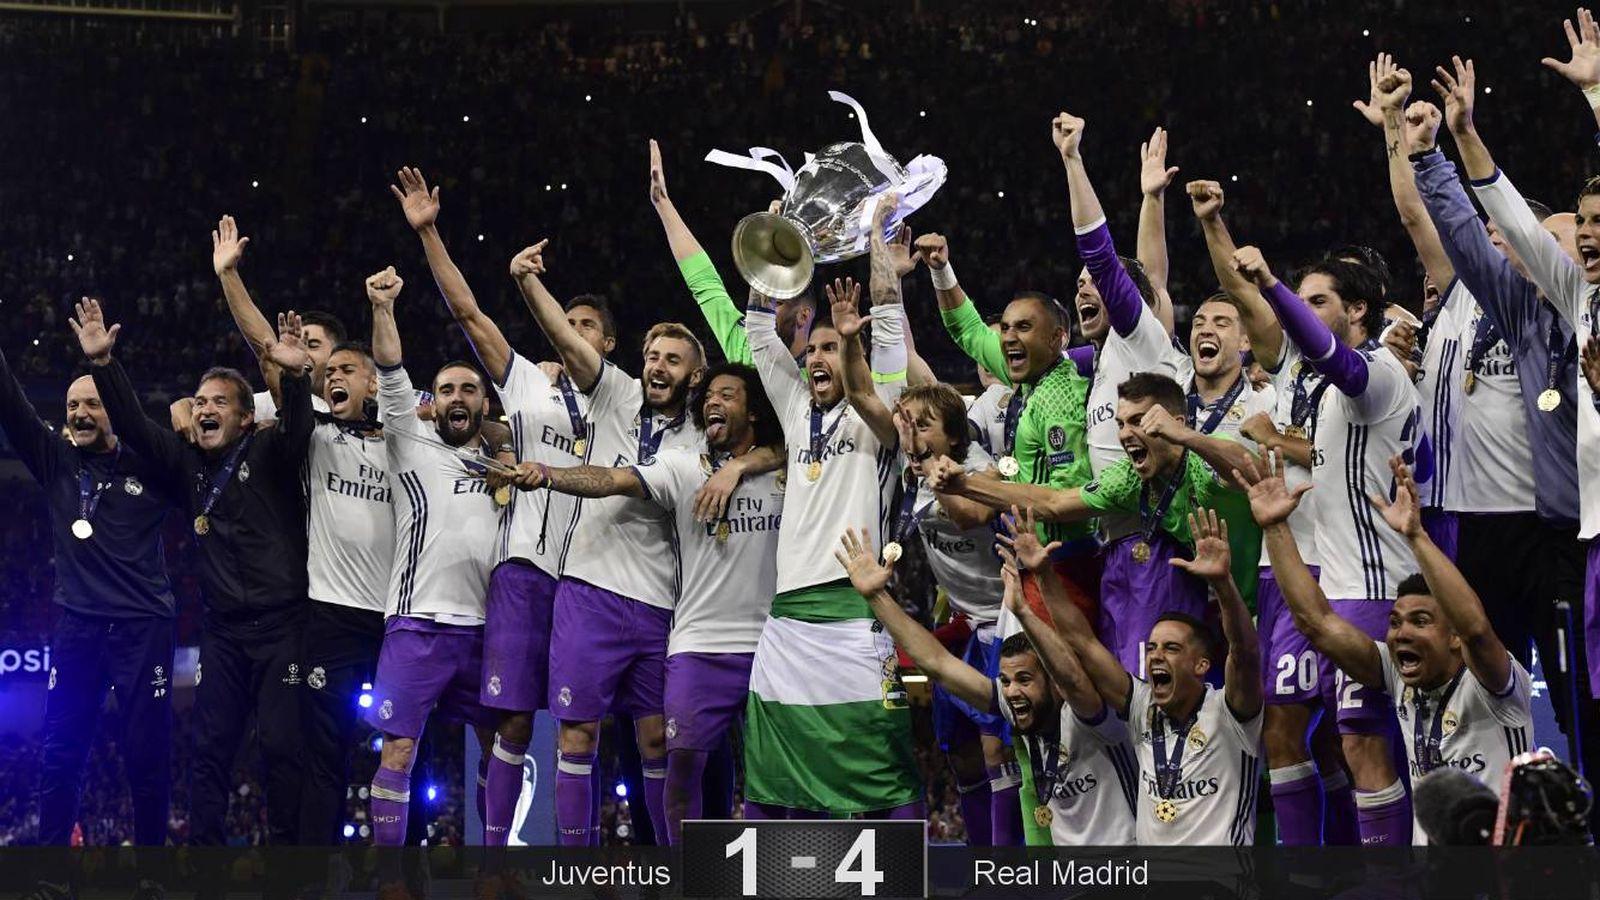 Final Champions League  El Real Madrid le gana a la historia y se hace  leyenda con su Duodécima Copa de Europa f85263c9aee9a